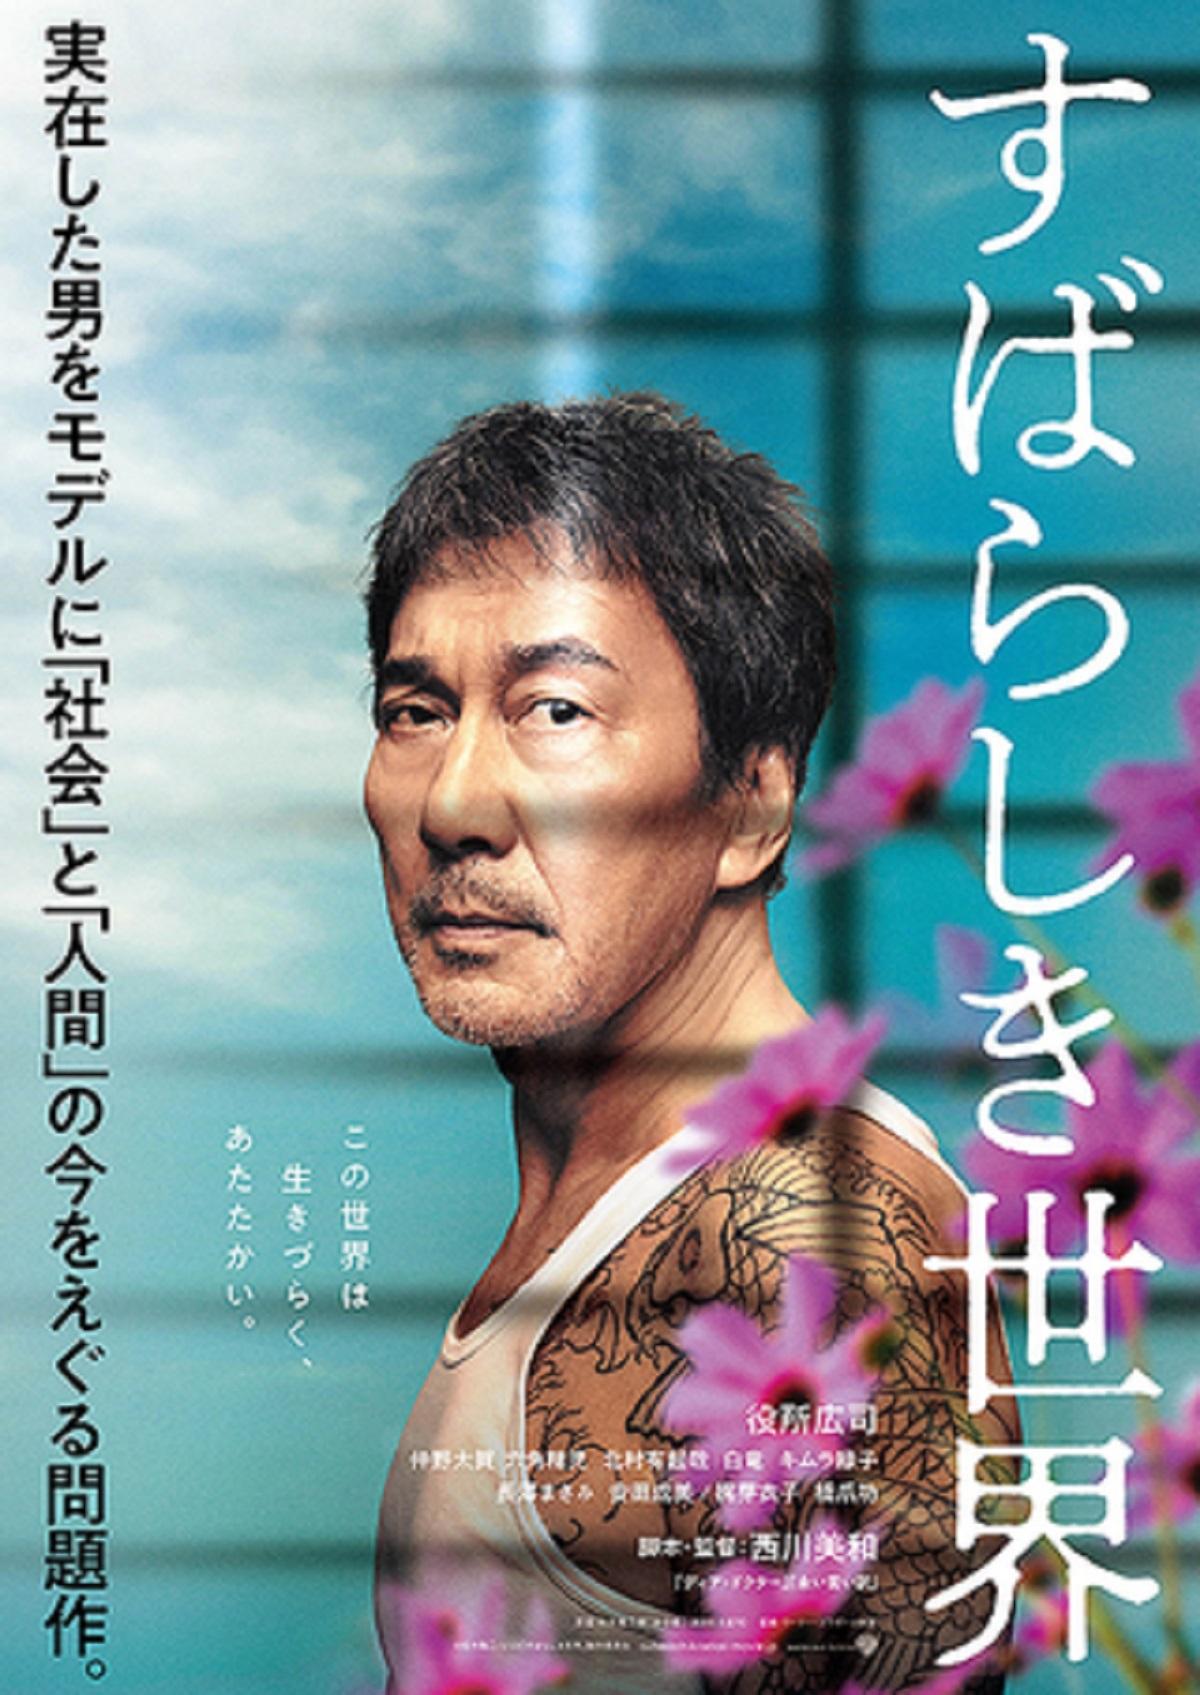 映画『すばらしき世界』のポスター